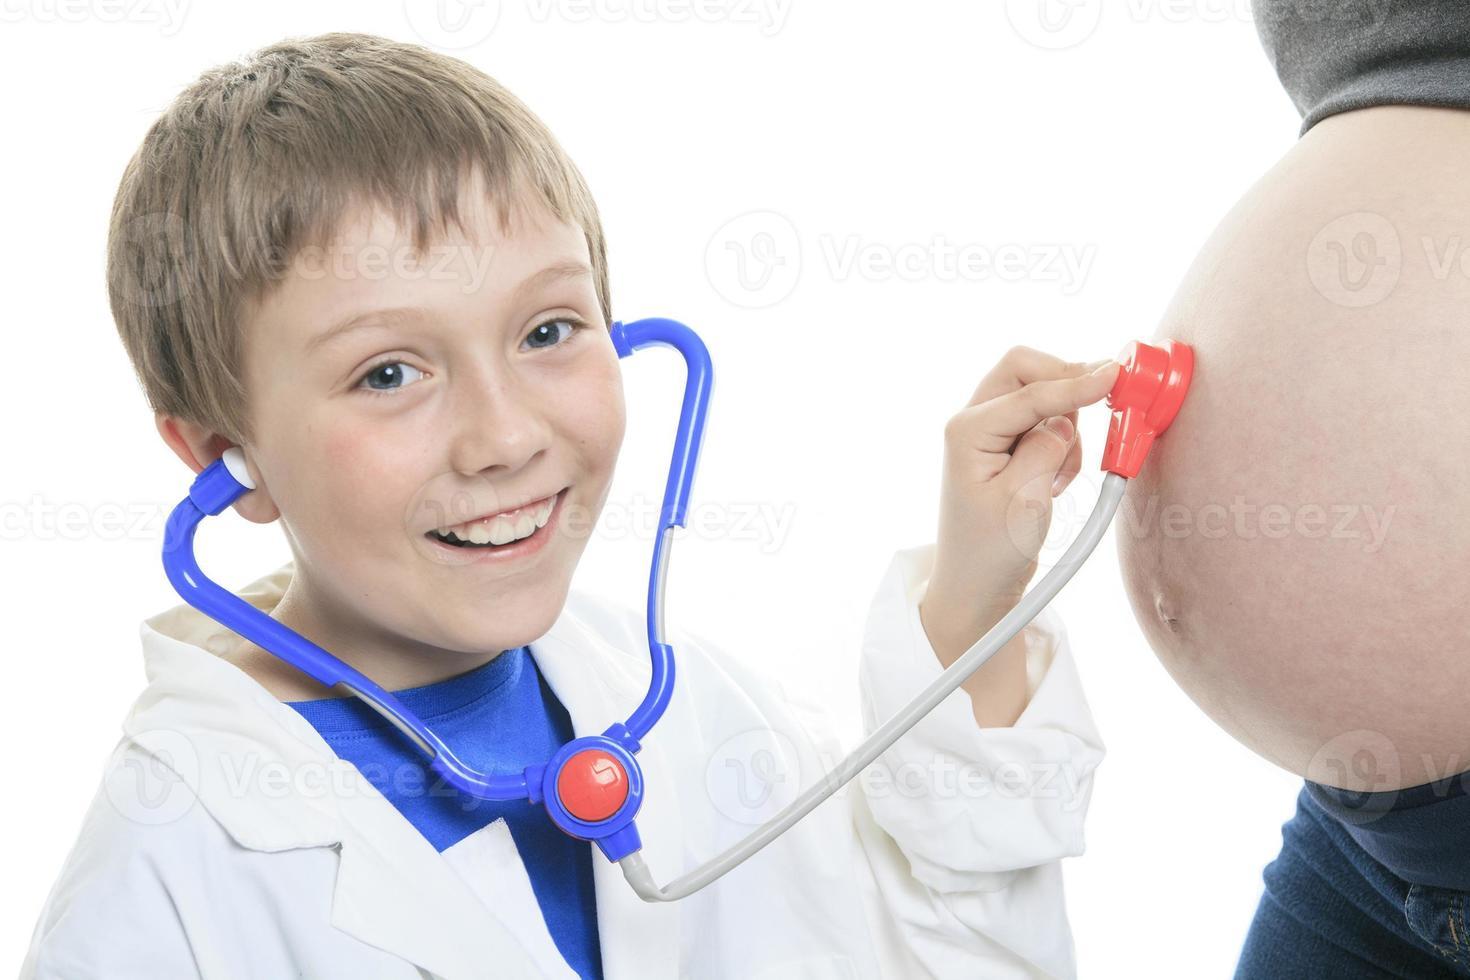 hermano pequeño alegre escuchando estetoscopio vientre foto